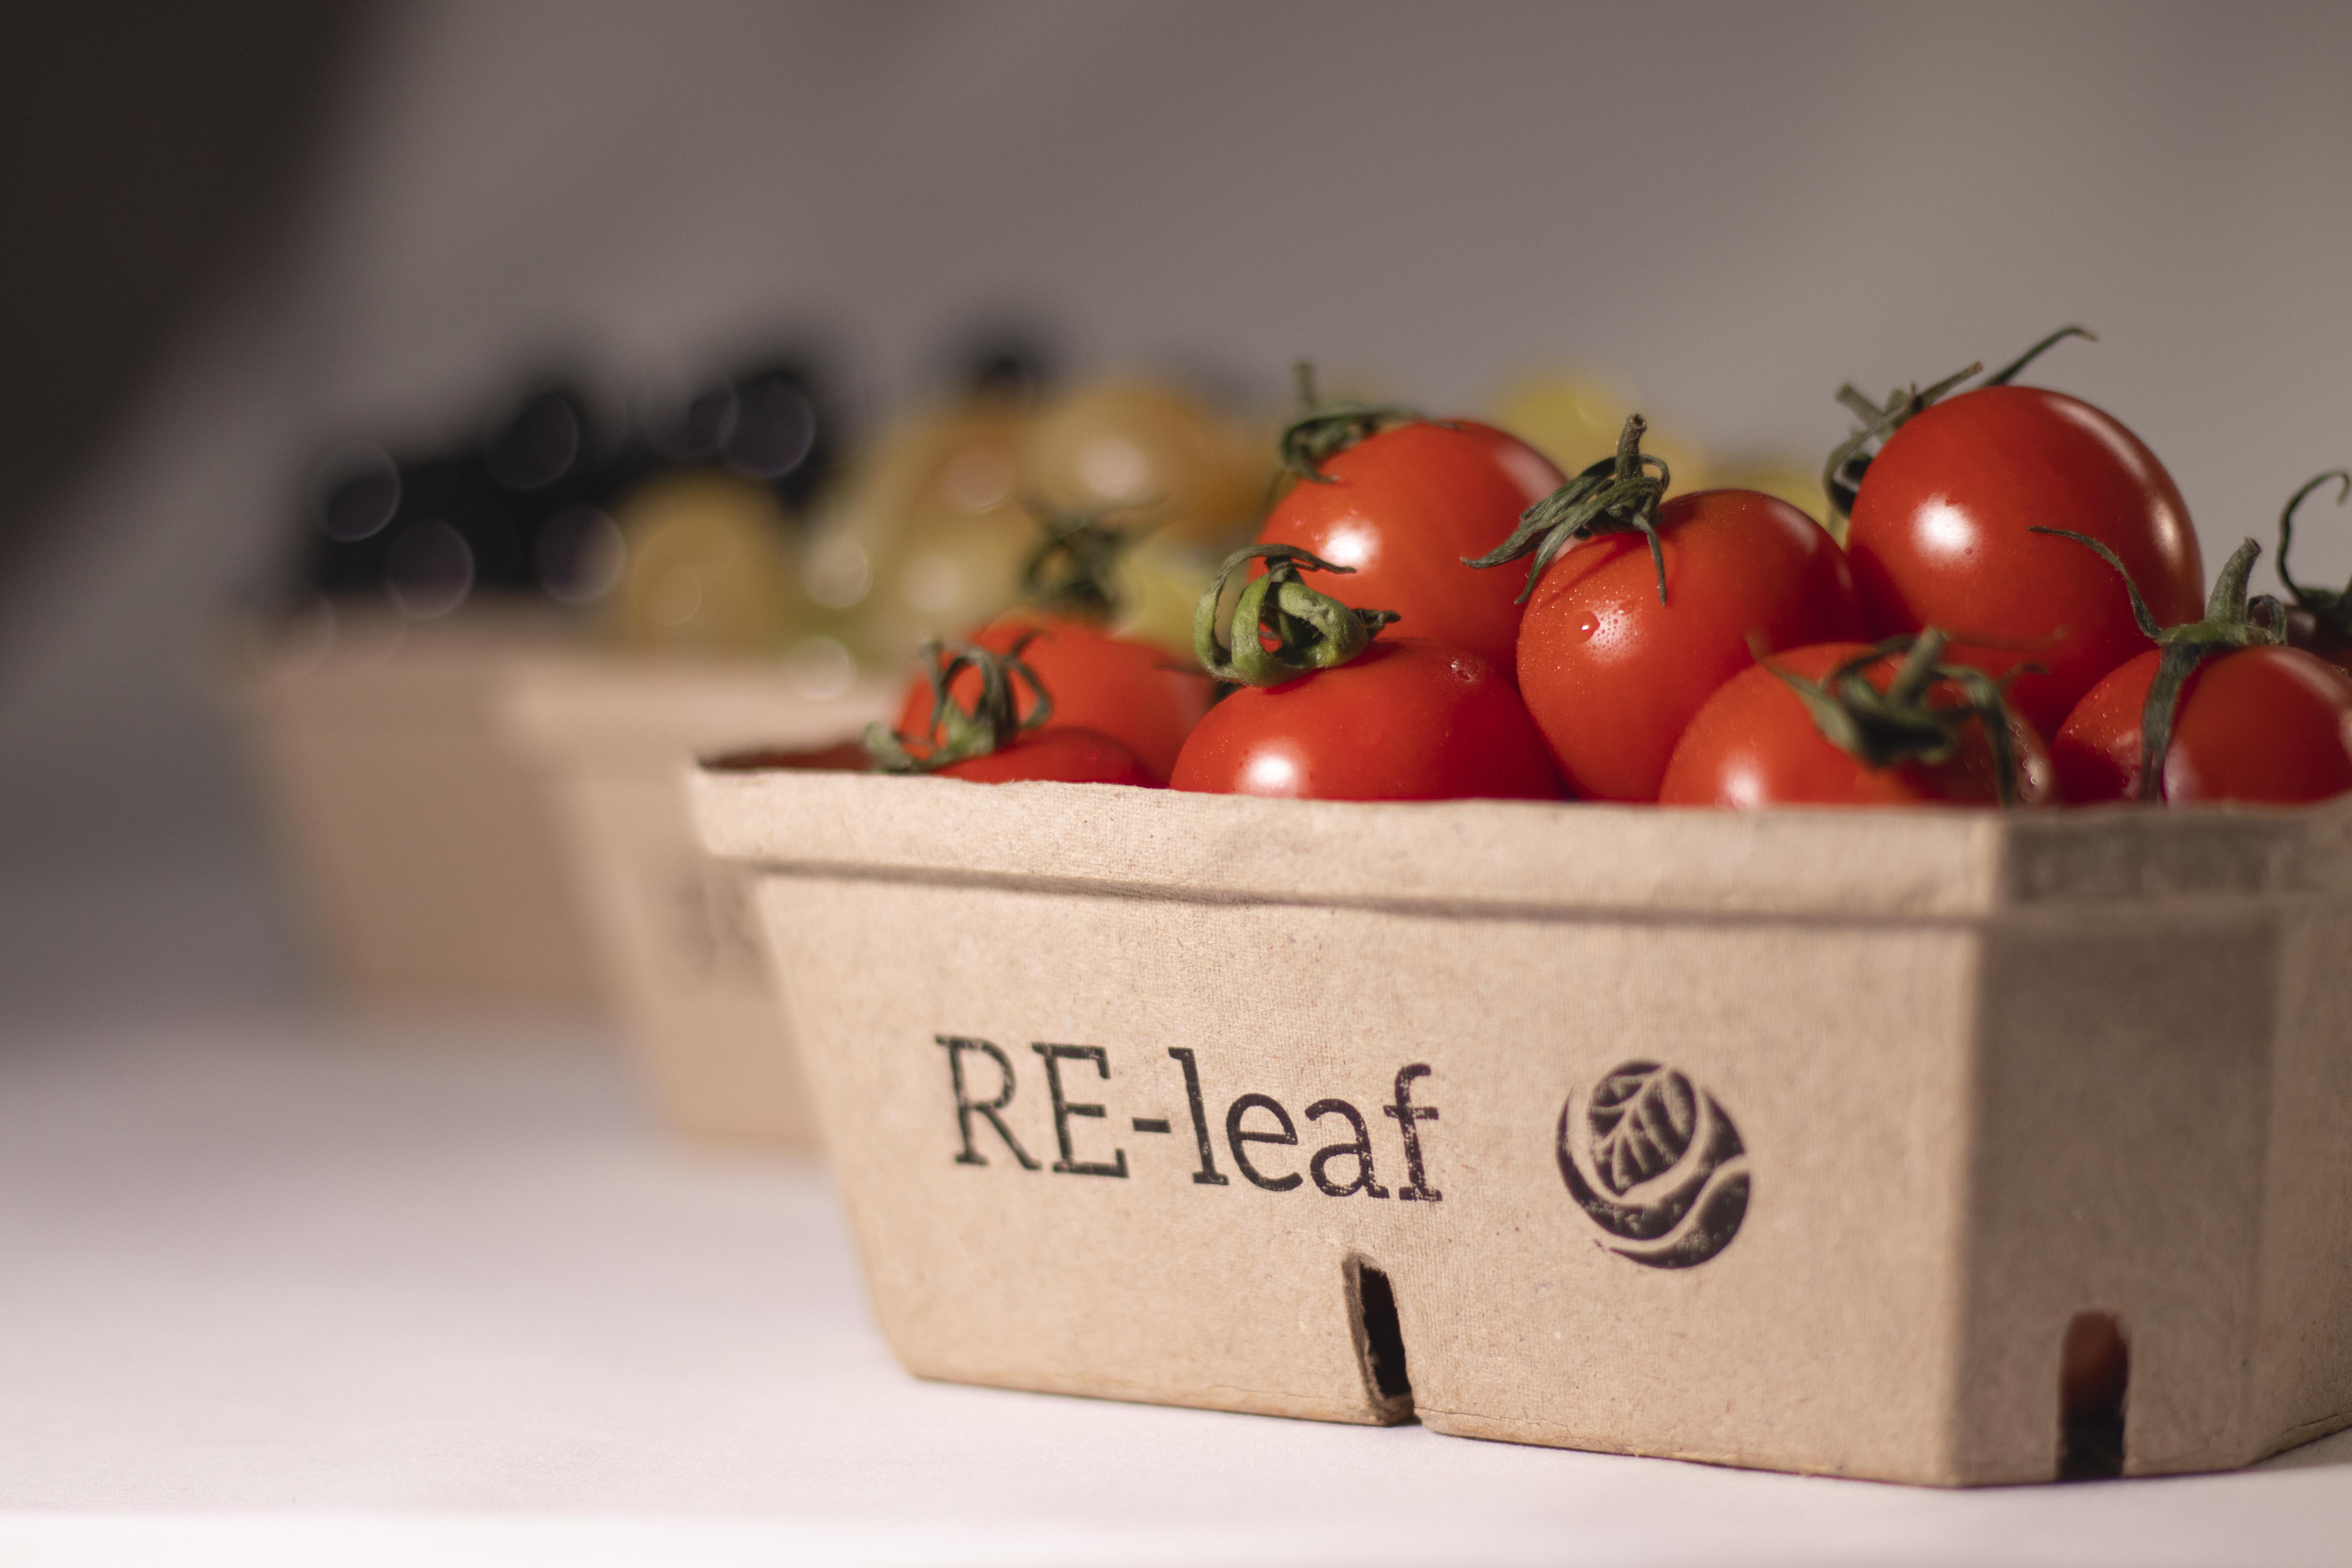 RE-leaf cast boxes (500 g)